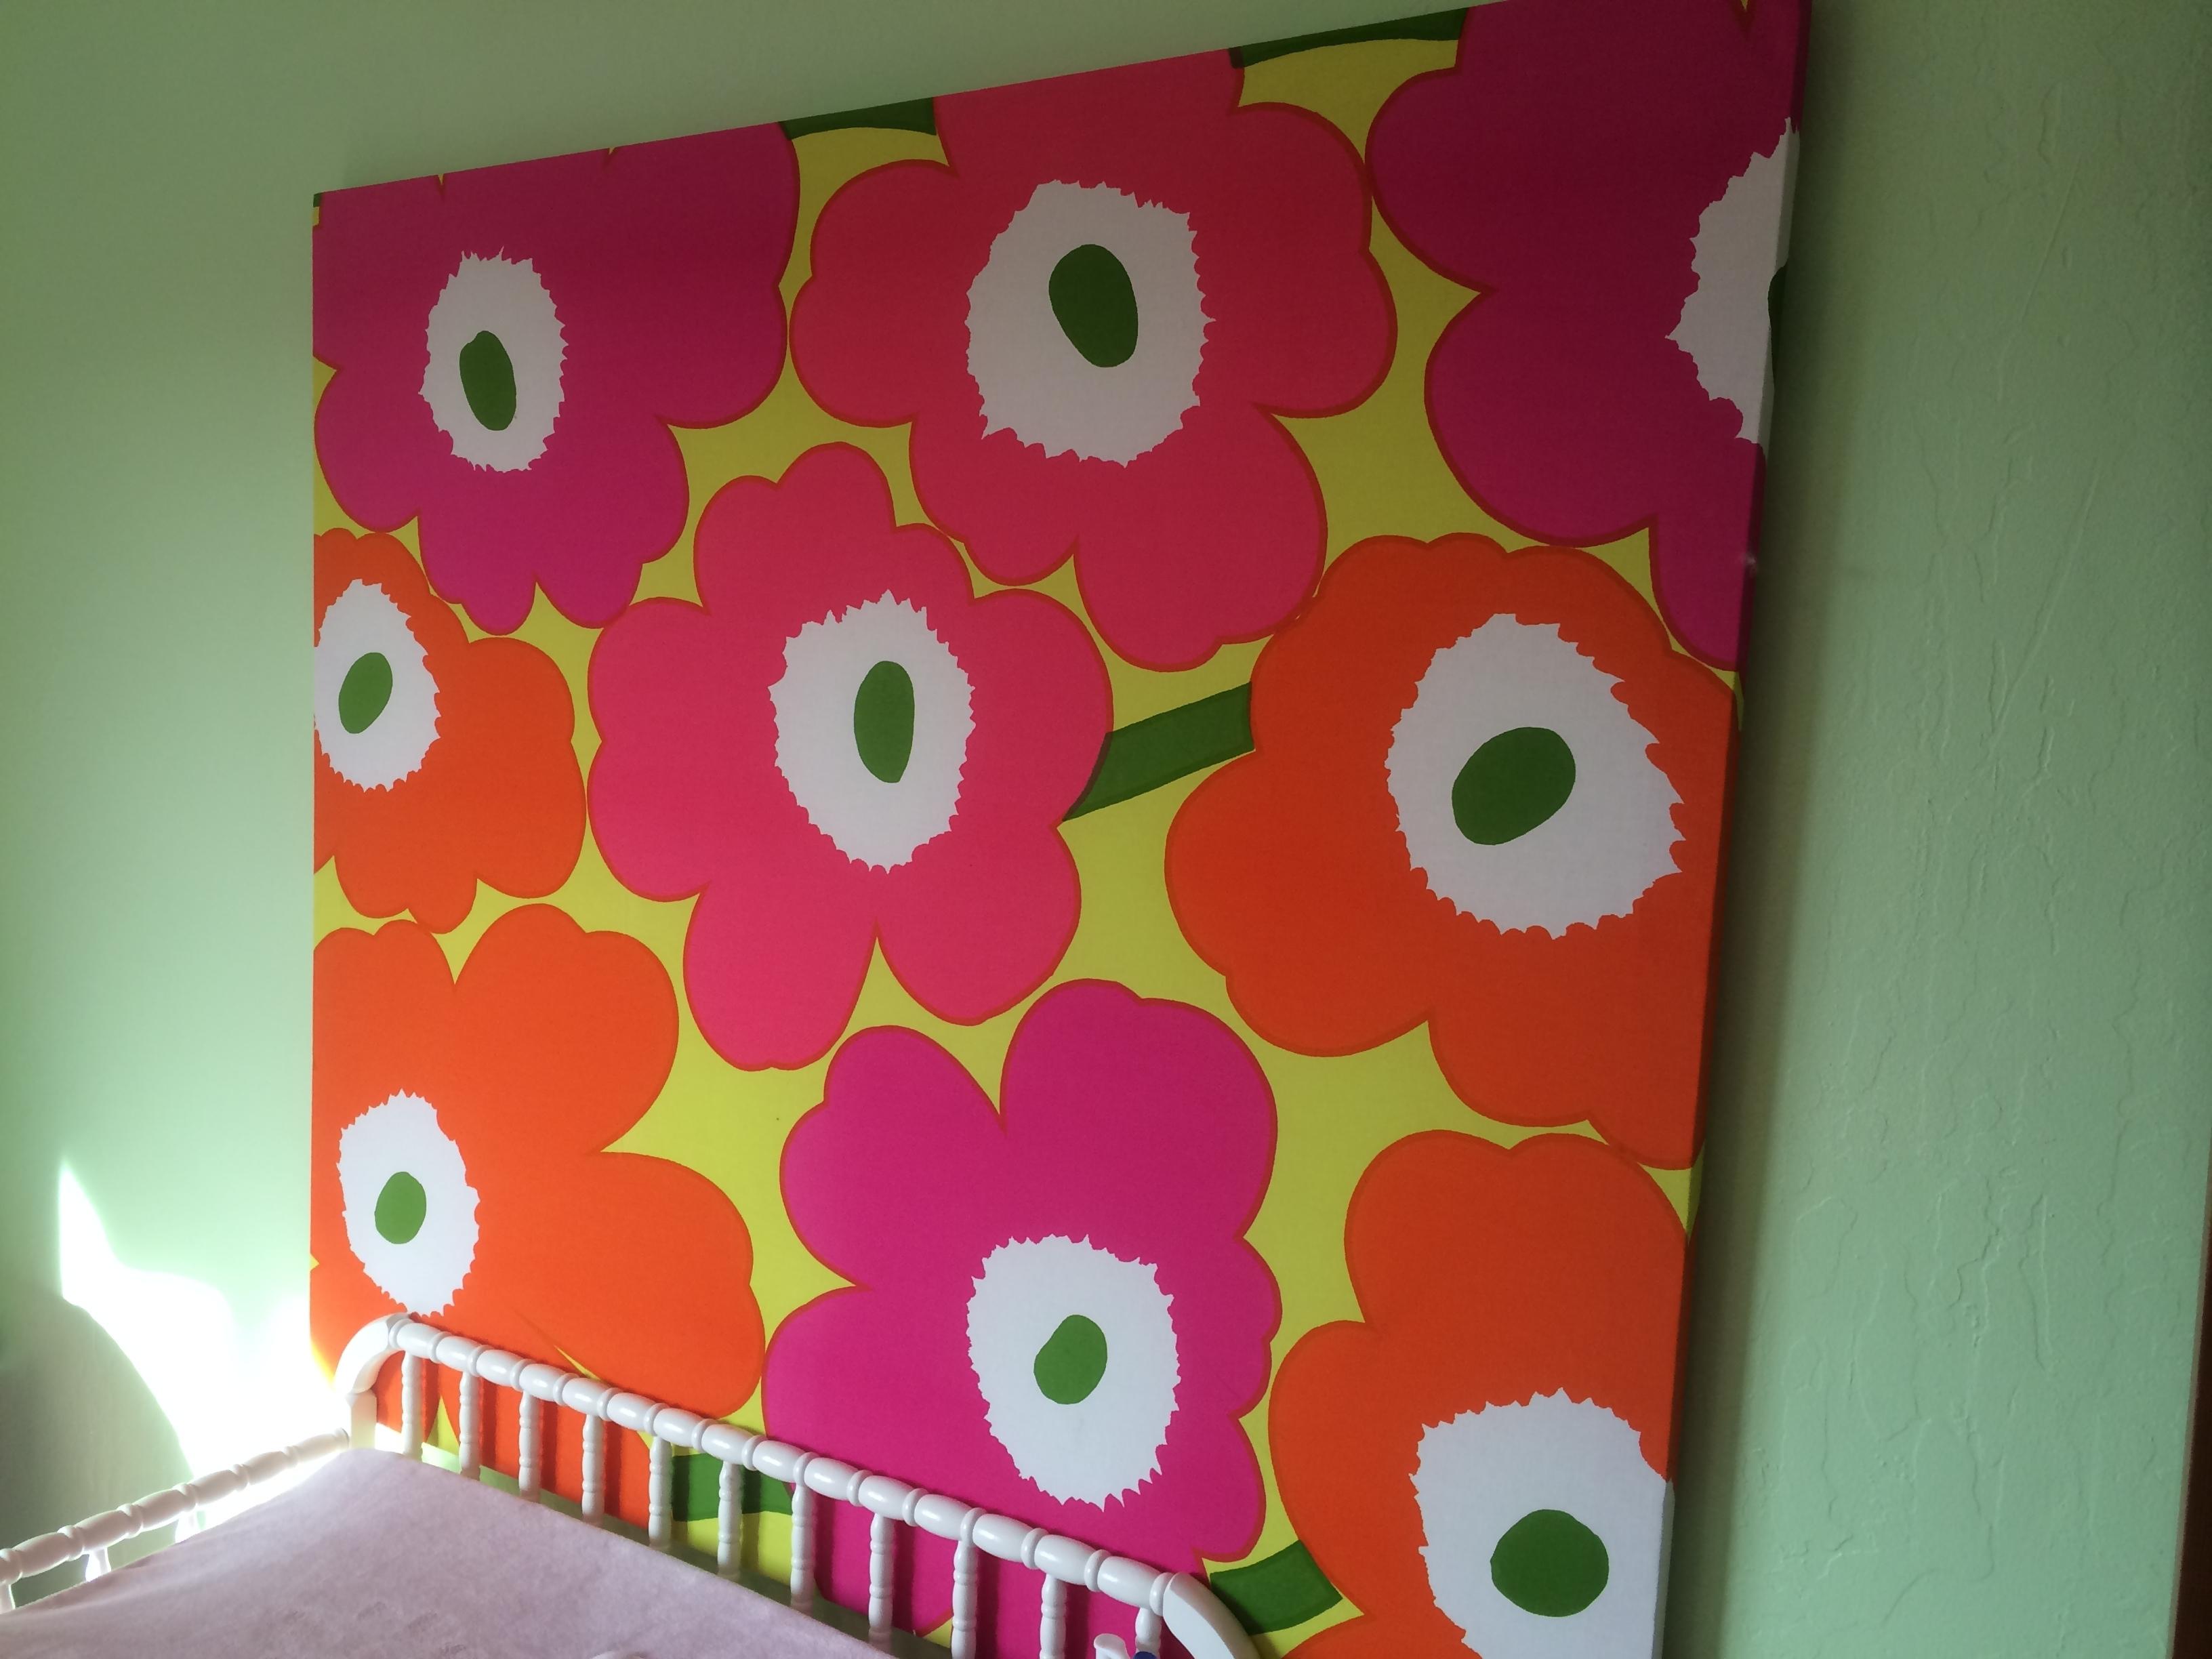 Today's Hint: Easy Diy Nursery & Playroom Wall Art – Hint Mama With Recent Marimekko 'kevatjuhla' Fabric Wall Art (View 5 of 15)